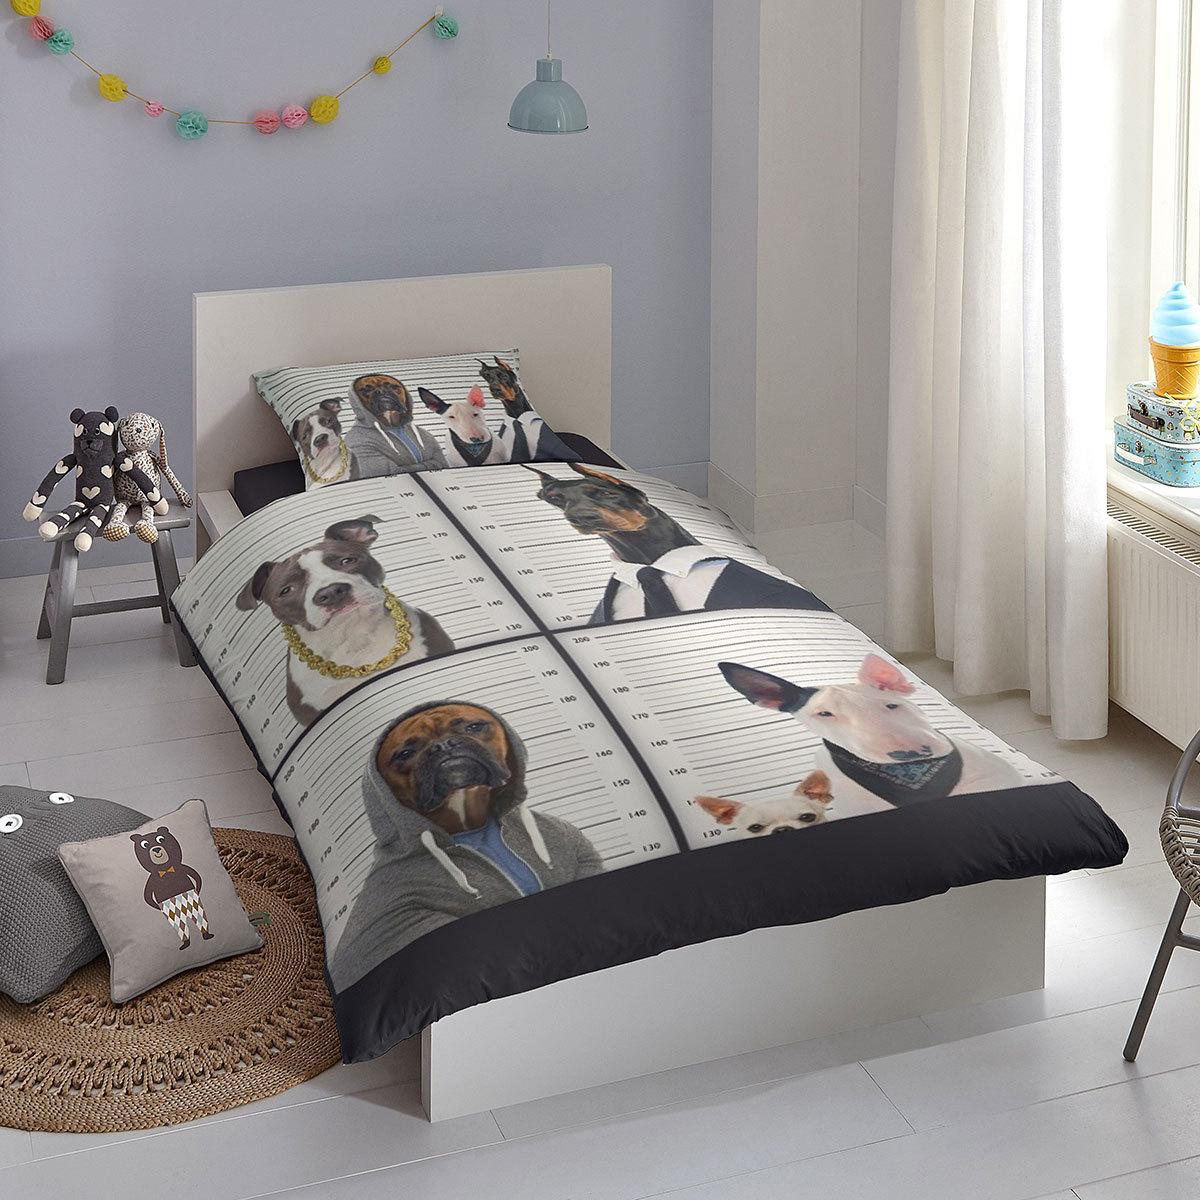 bettw sche liebe ist machen sie den preisvergleich bei nextag. Black Bedroom Furniture Sets. Home Design Ideas